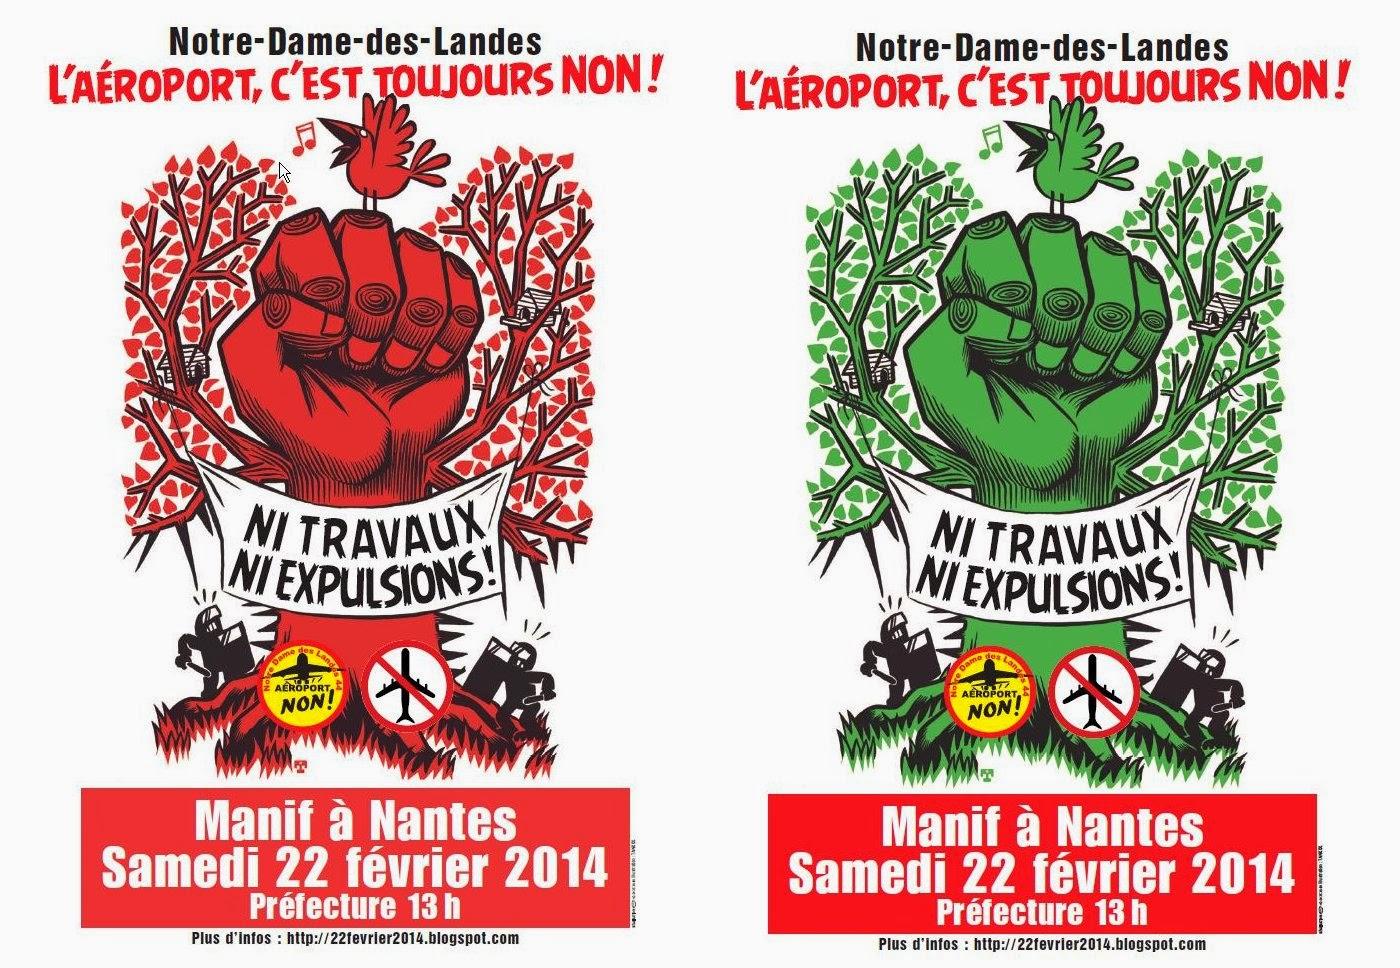 Du Larzac à Notre-Dame-des-Landes - Page 3 2014-02-22_Manif_Affiches